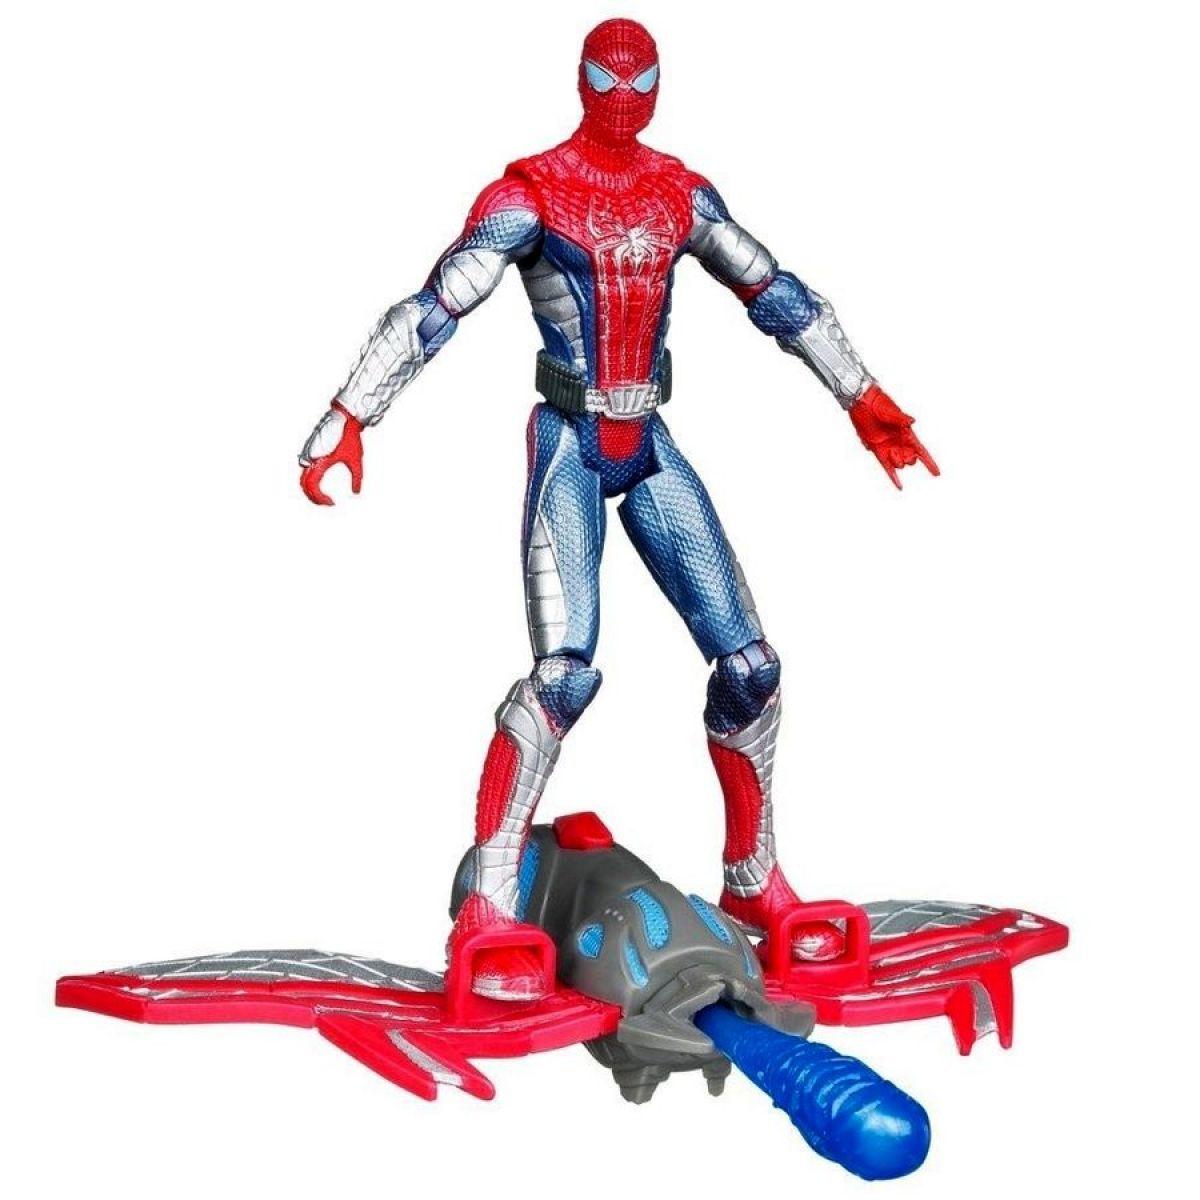 Spiderman akční figurky Hasbro - 50571 Missile Attack